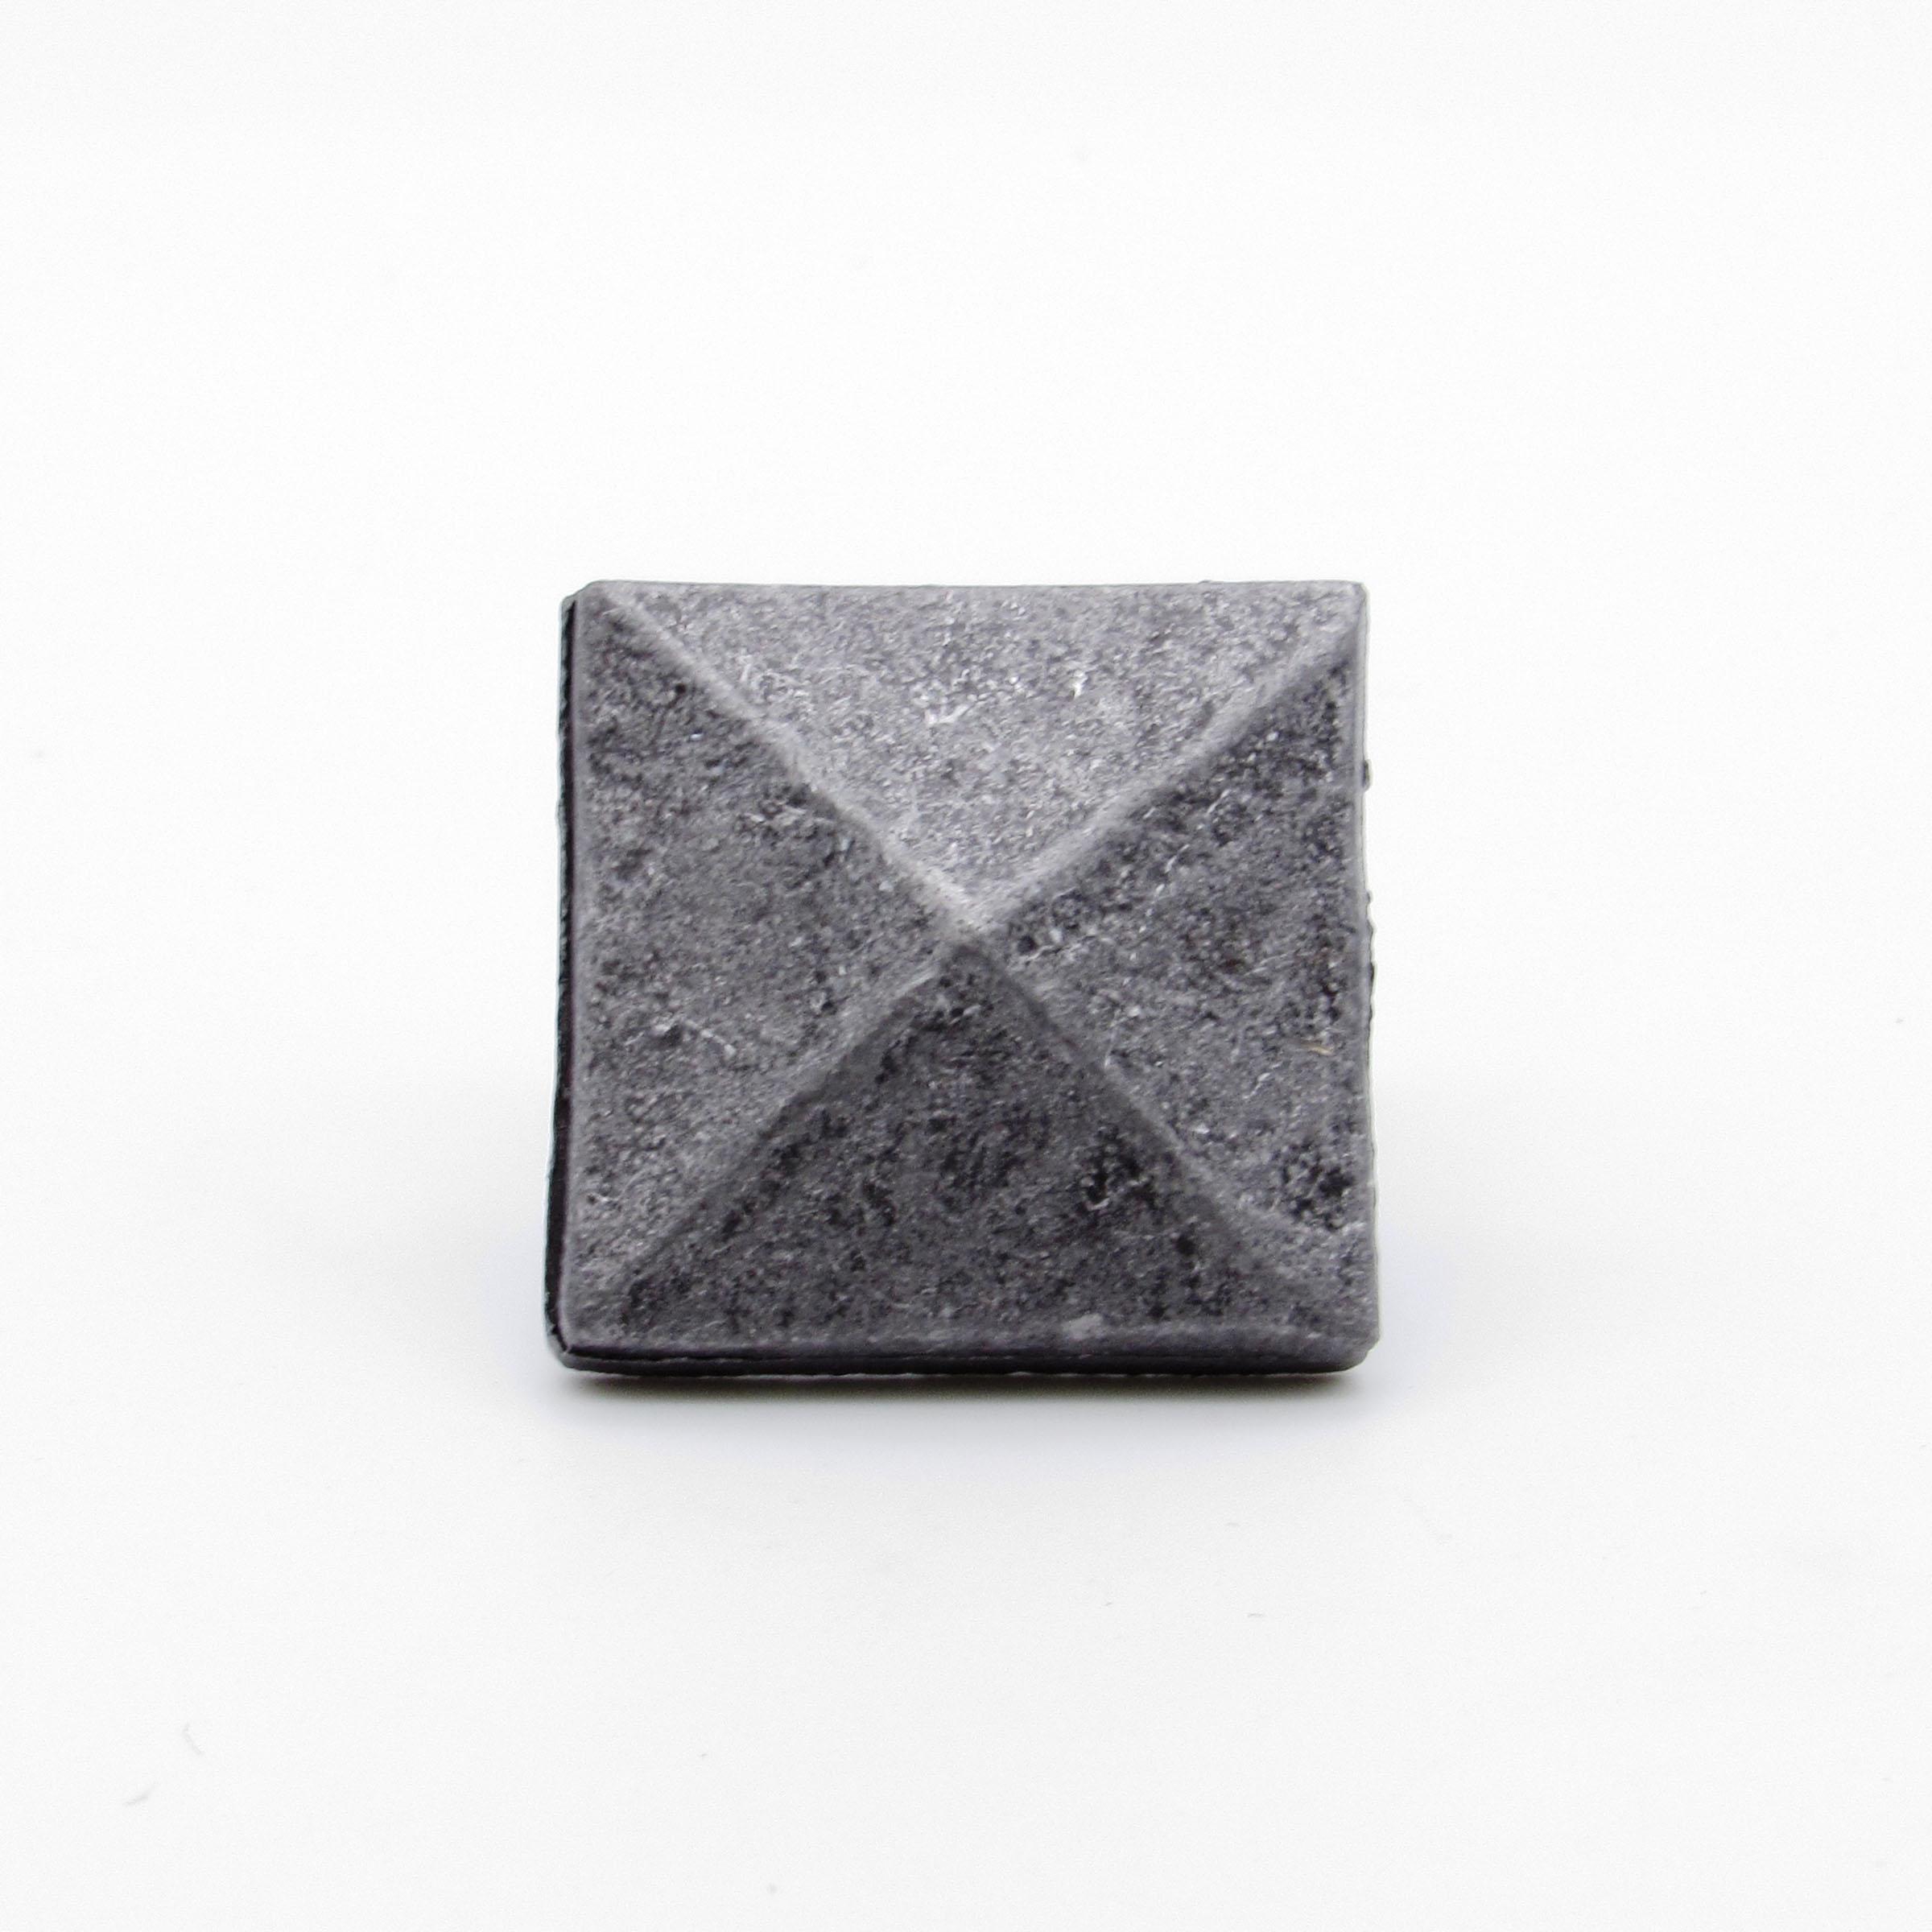 Square 1-1/8